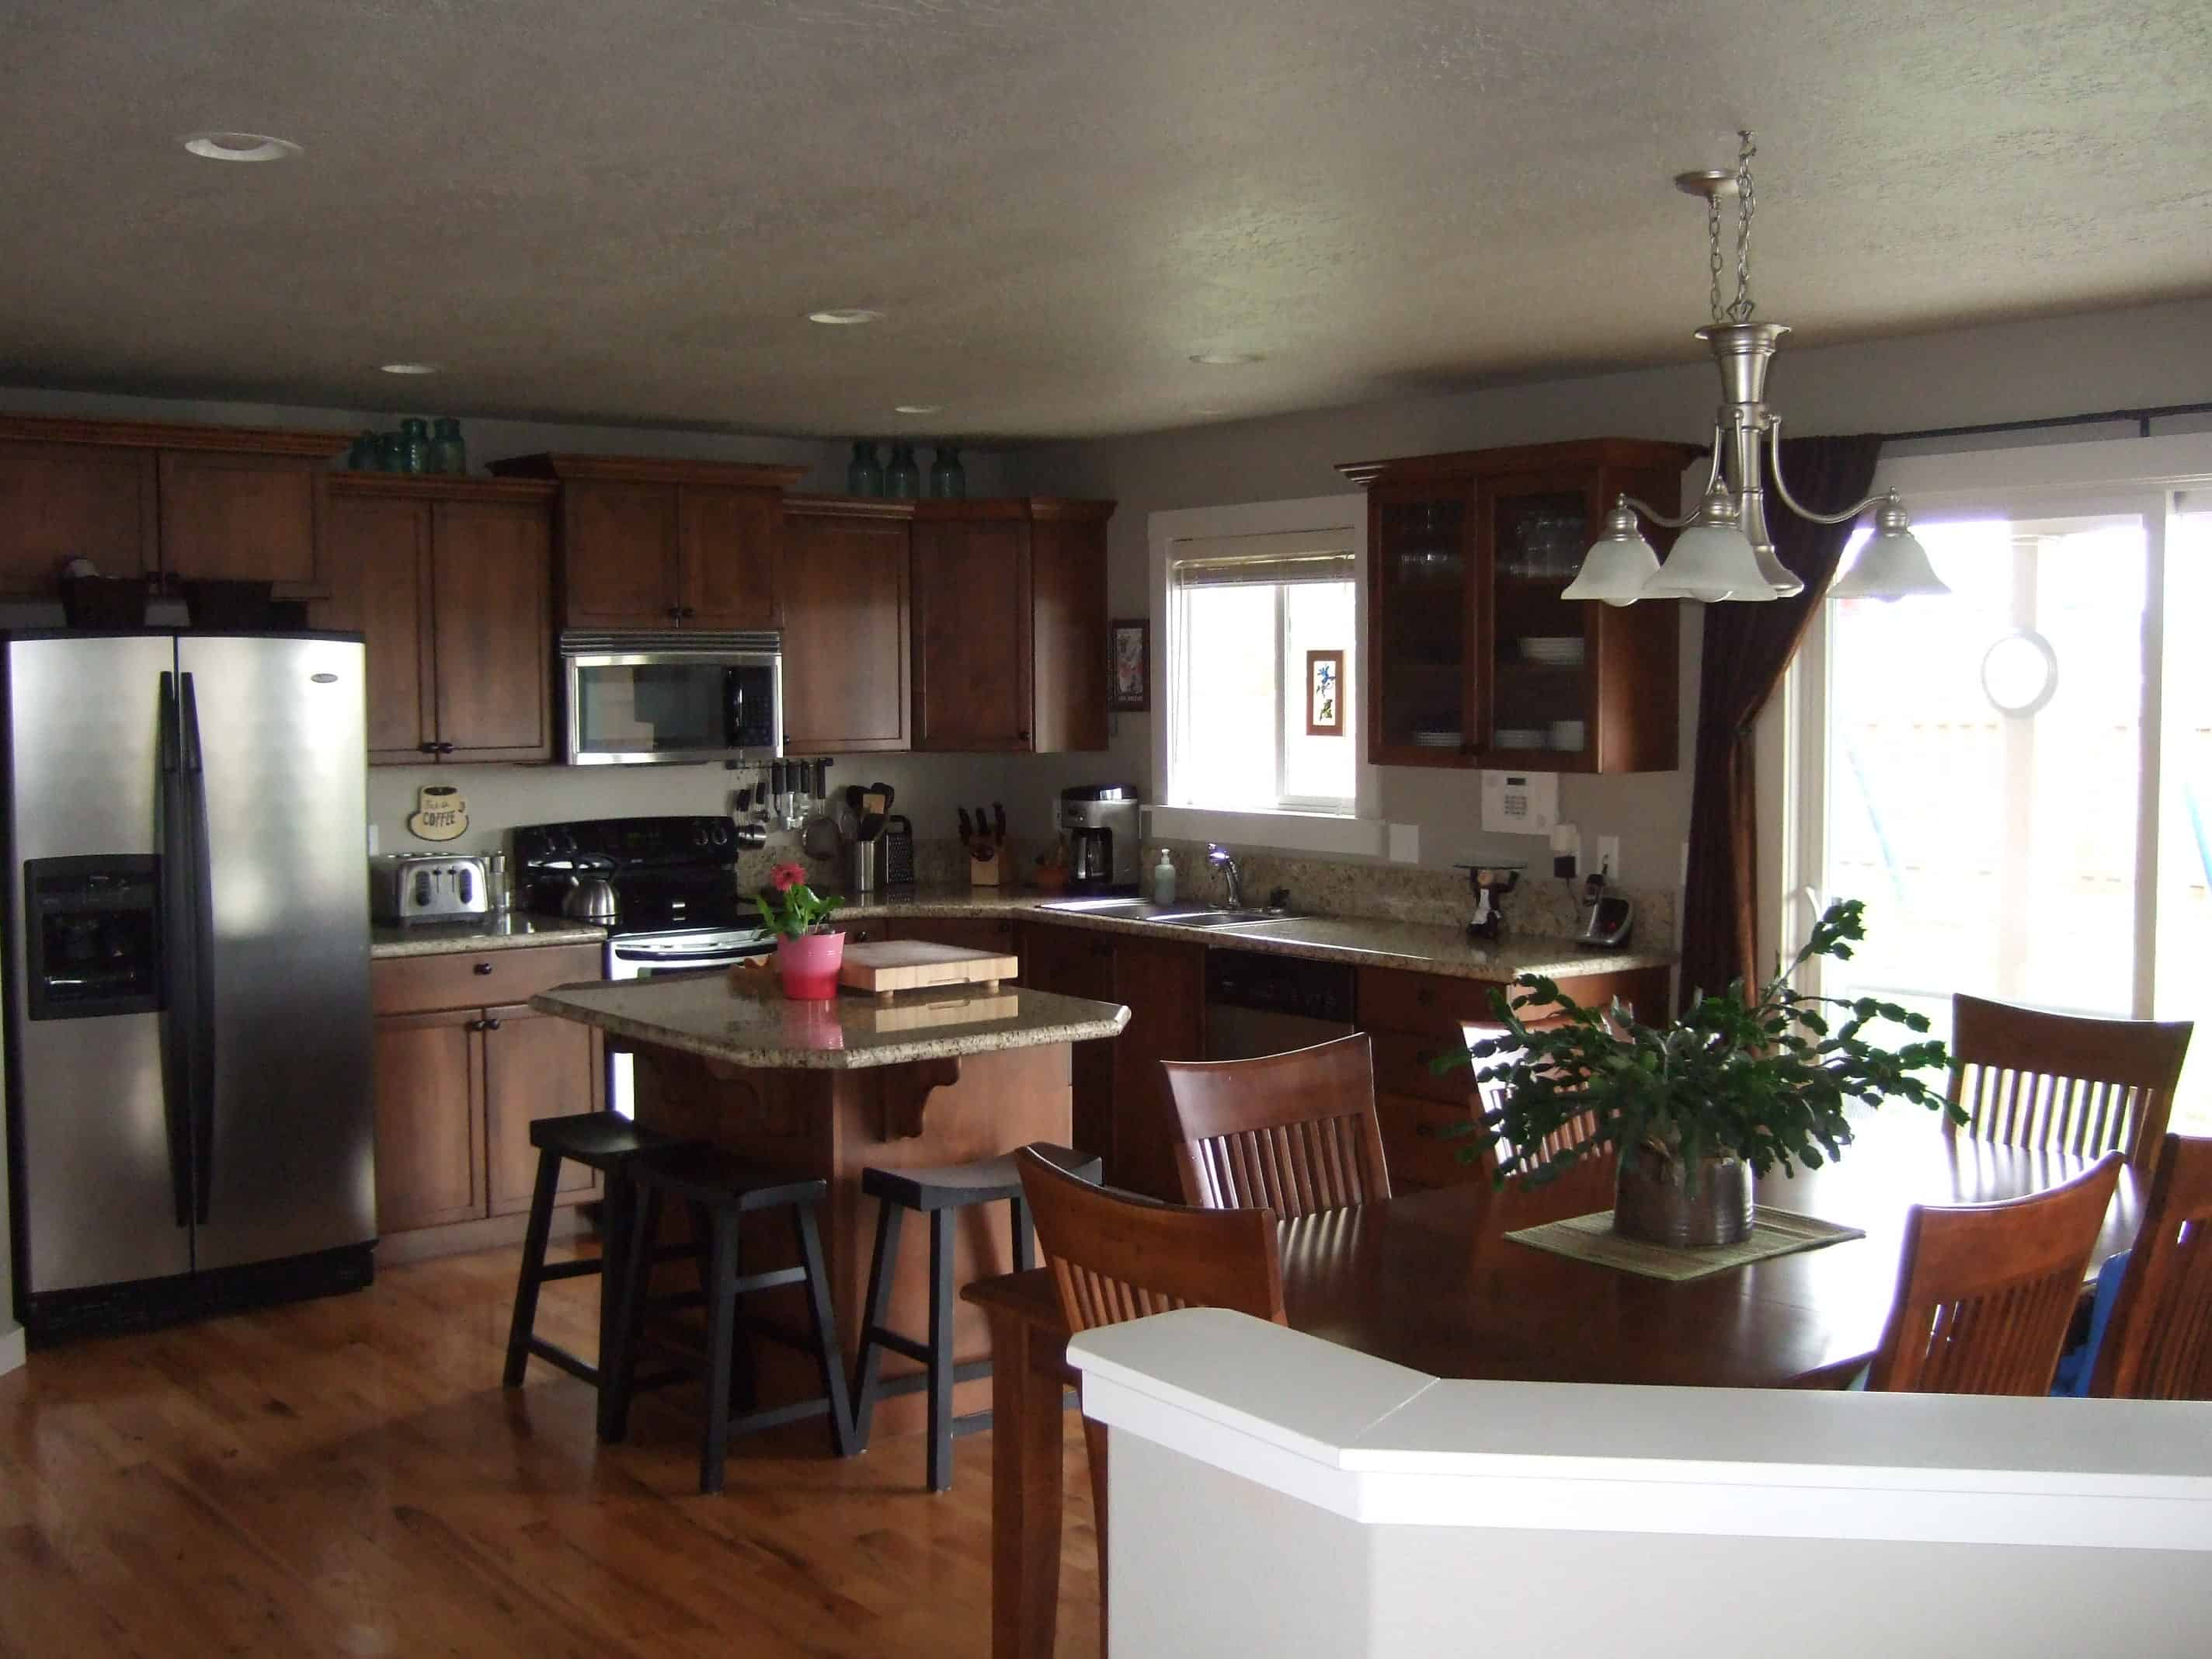 Kitchen with dark hardwood flooring